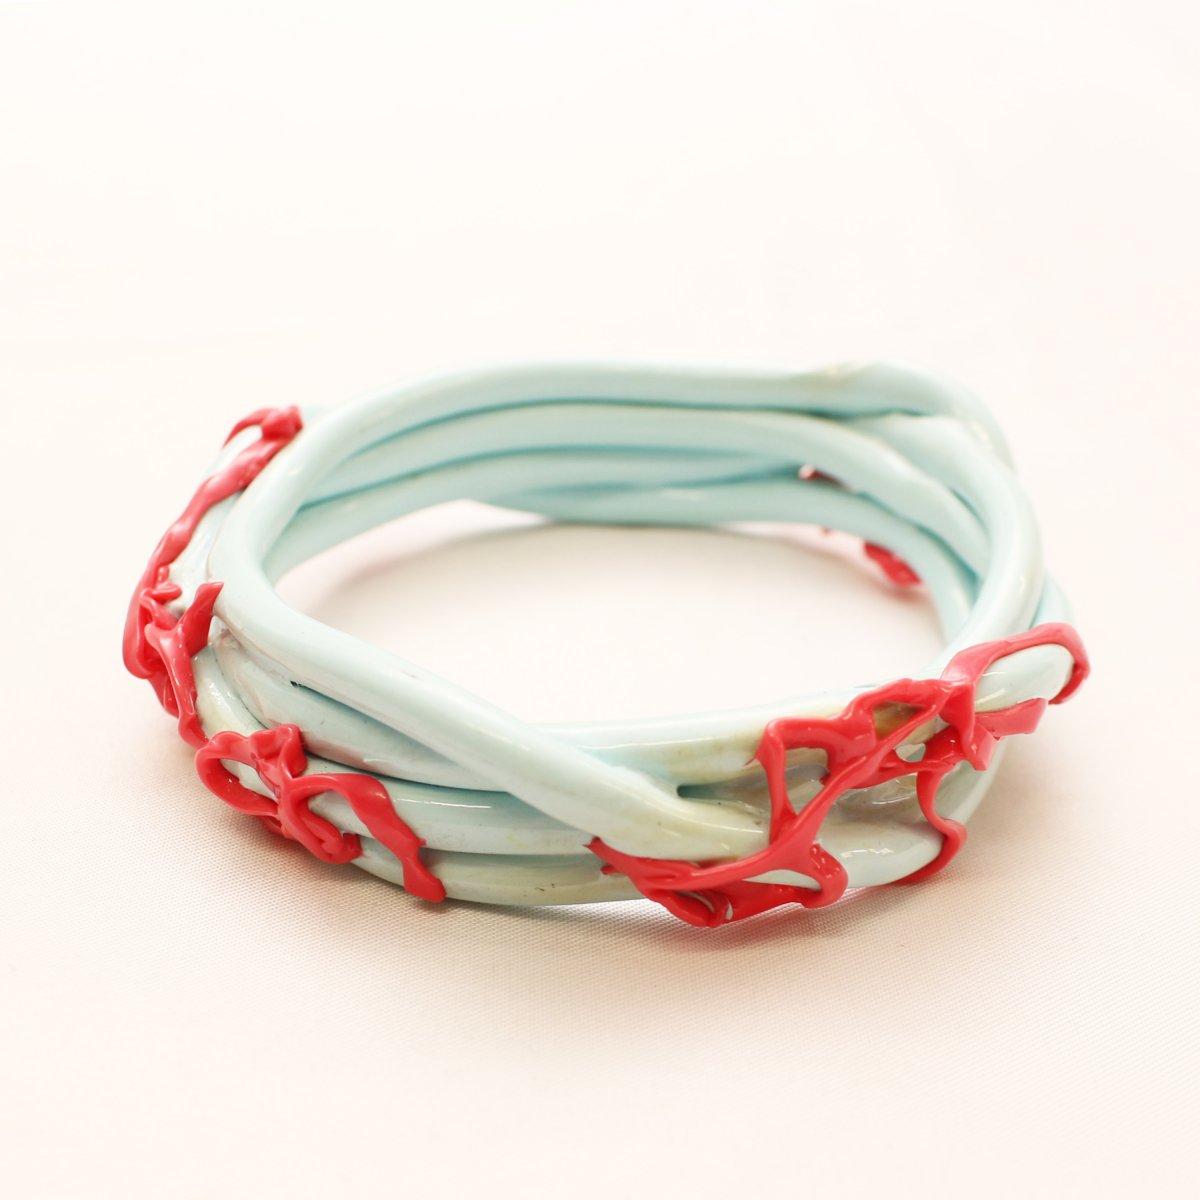 wrist bands【LIGHT BLUE×PINK】